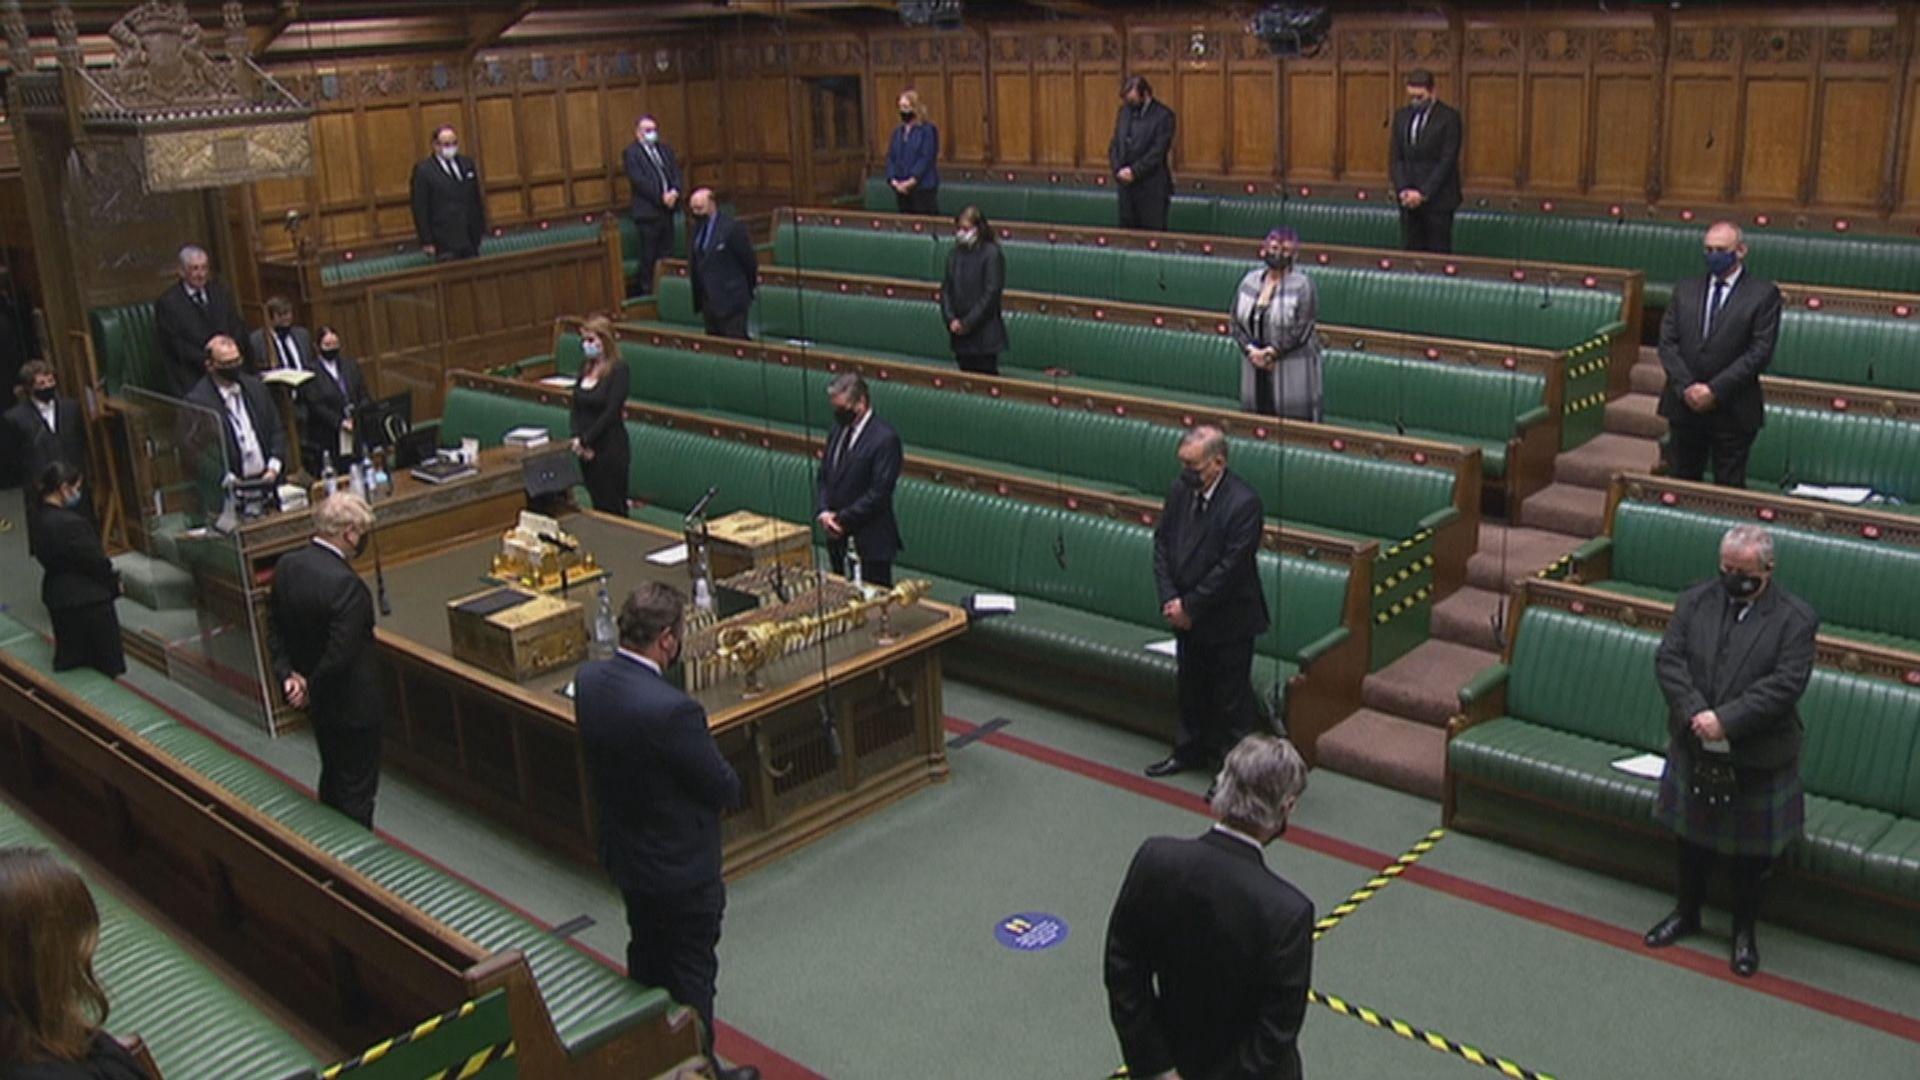 英國威廉和哈里王子為菲臘親王發表悼詞 下議院將默哀